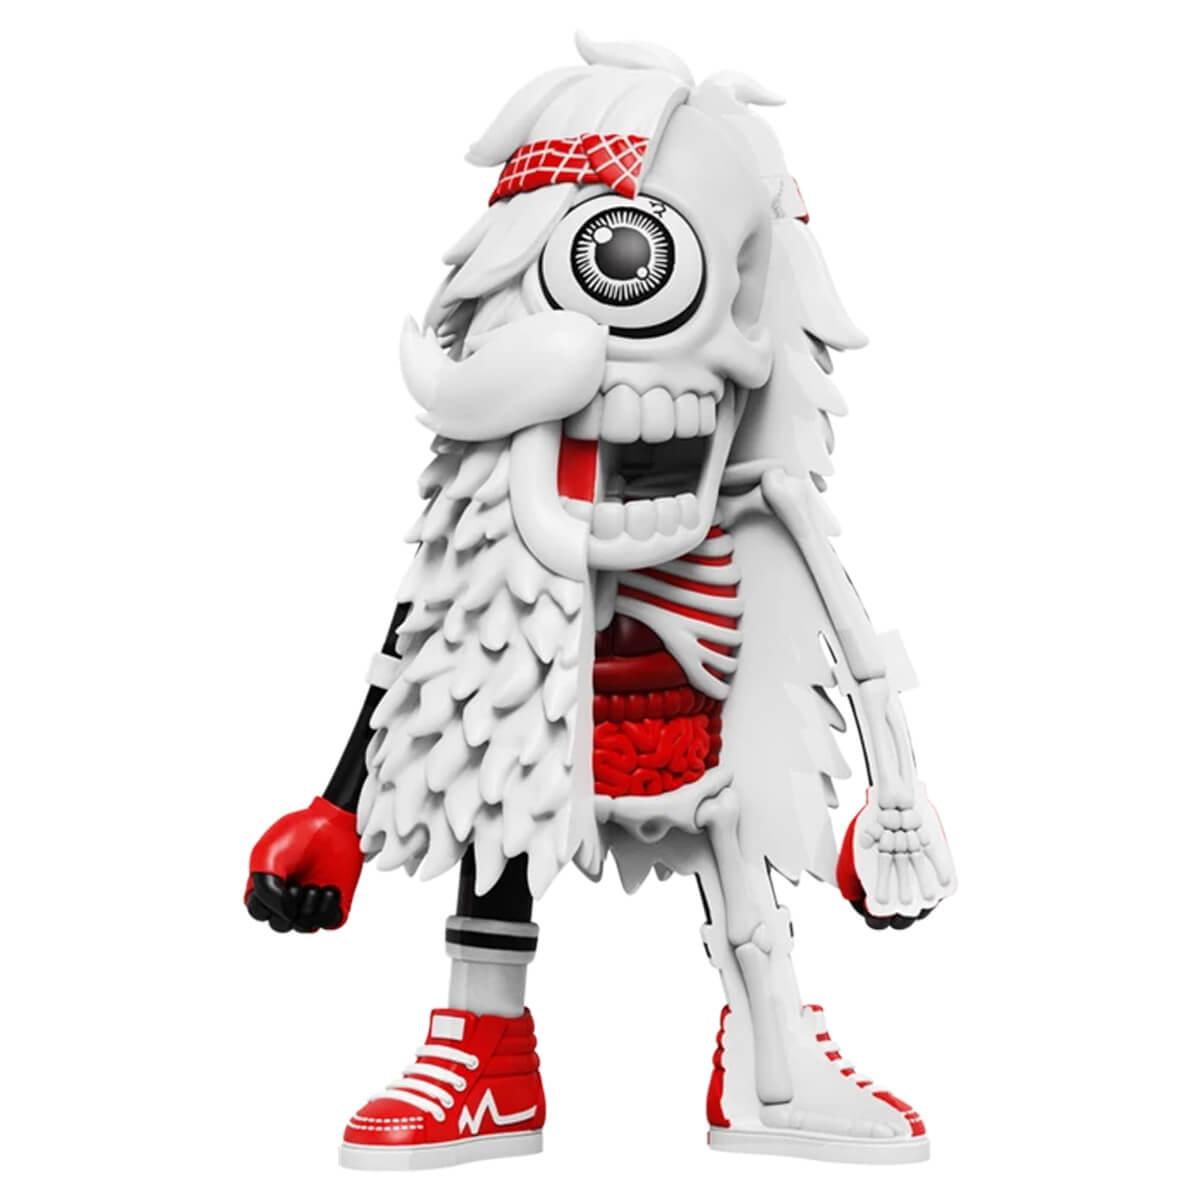 MIGHTY JAXX マイティージャックス DISSECTED MISTER HELLYEAH (WHITE EDITION) フィギュア 海外限定 国内未発売 デザイナートイ 人形 おもちゃ インテリア WHITE ホワイト